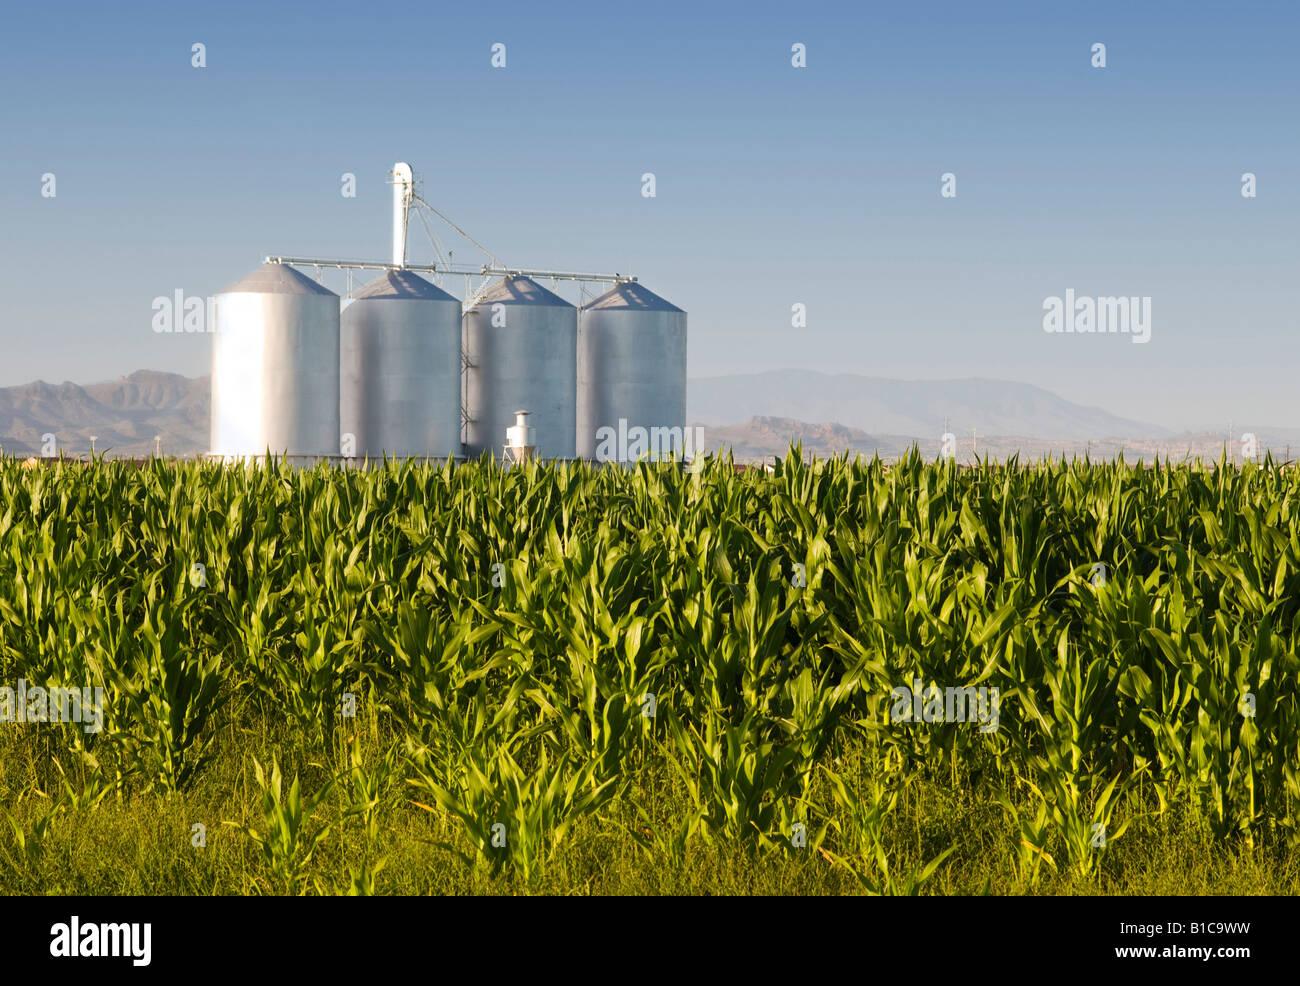 La récolte de maïs avec des silos agricoles et montagnes en arrière-plan Photo Stock